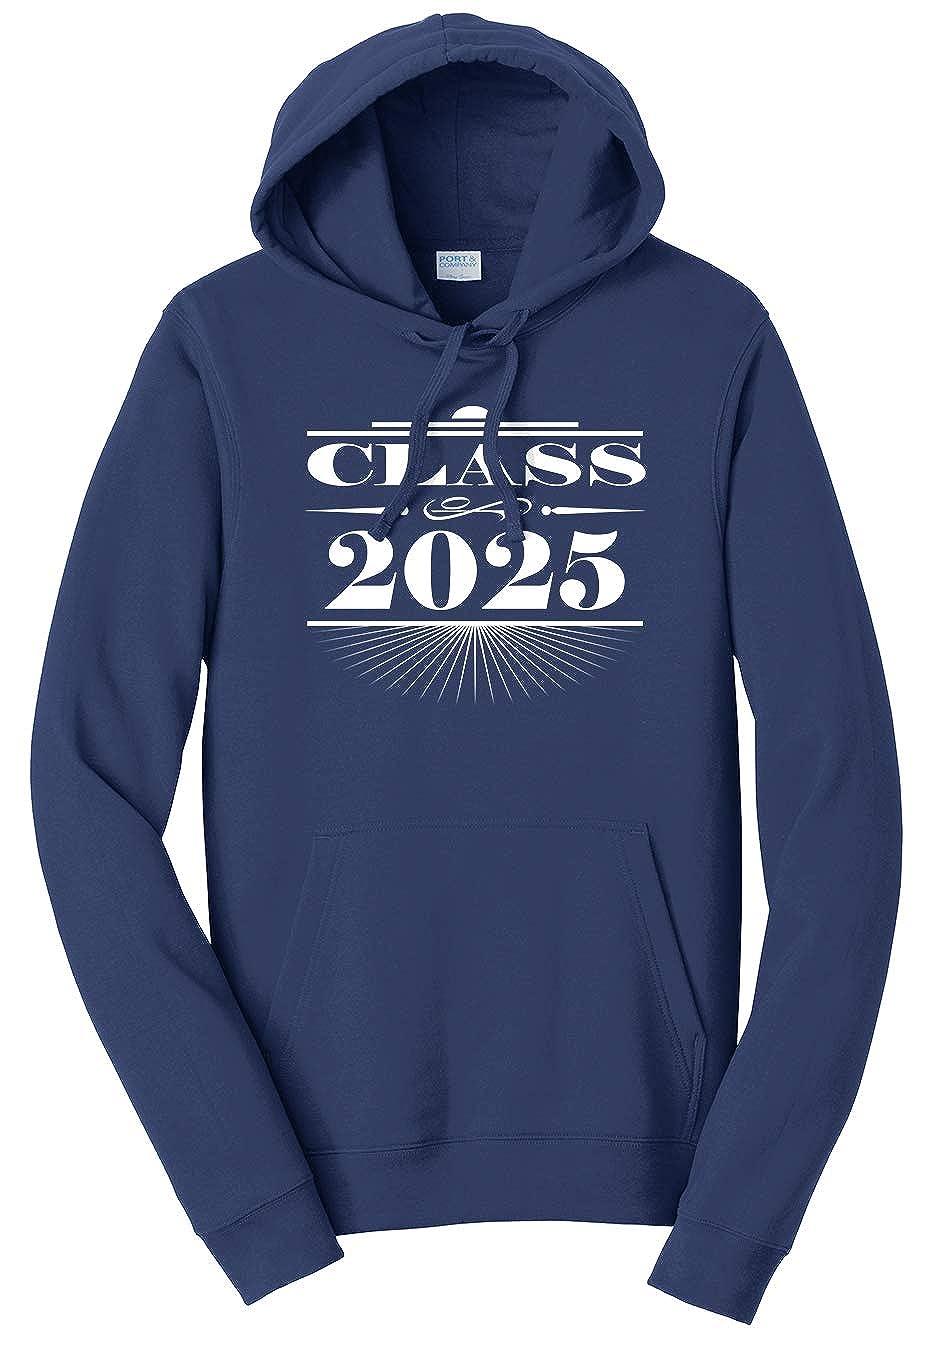 Tenacitee Unisex Art Deco Class of 2025 Sweatshirt